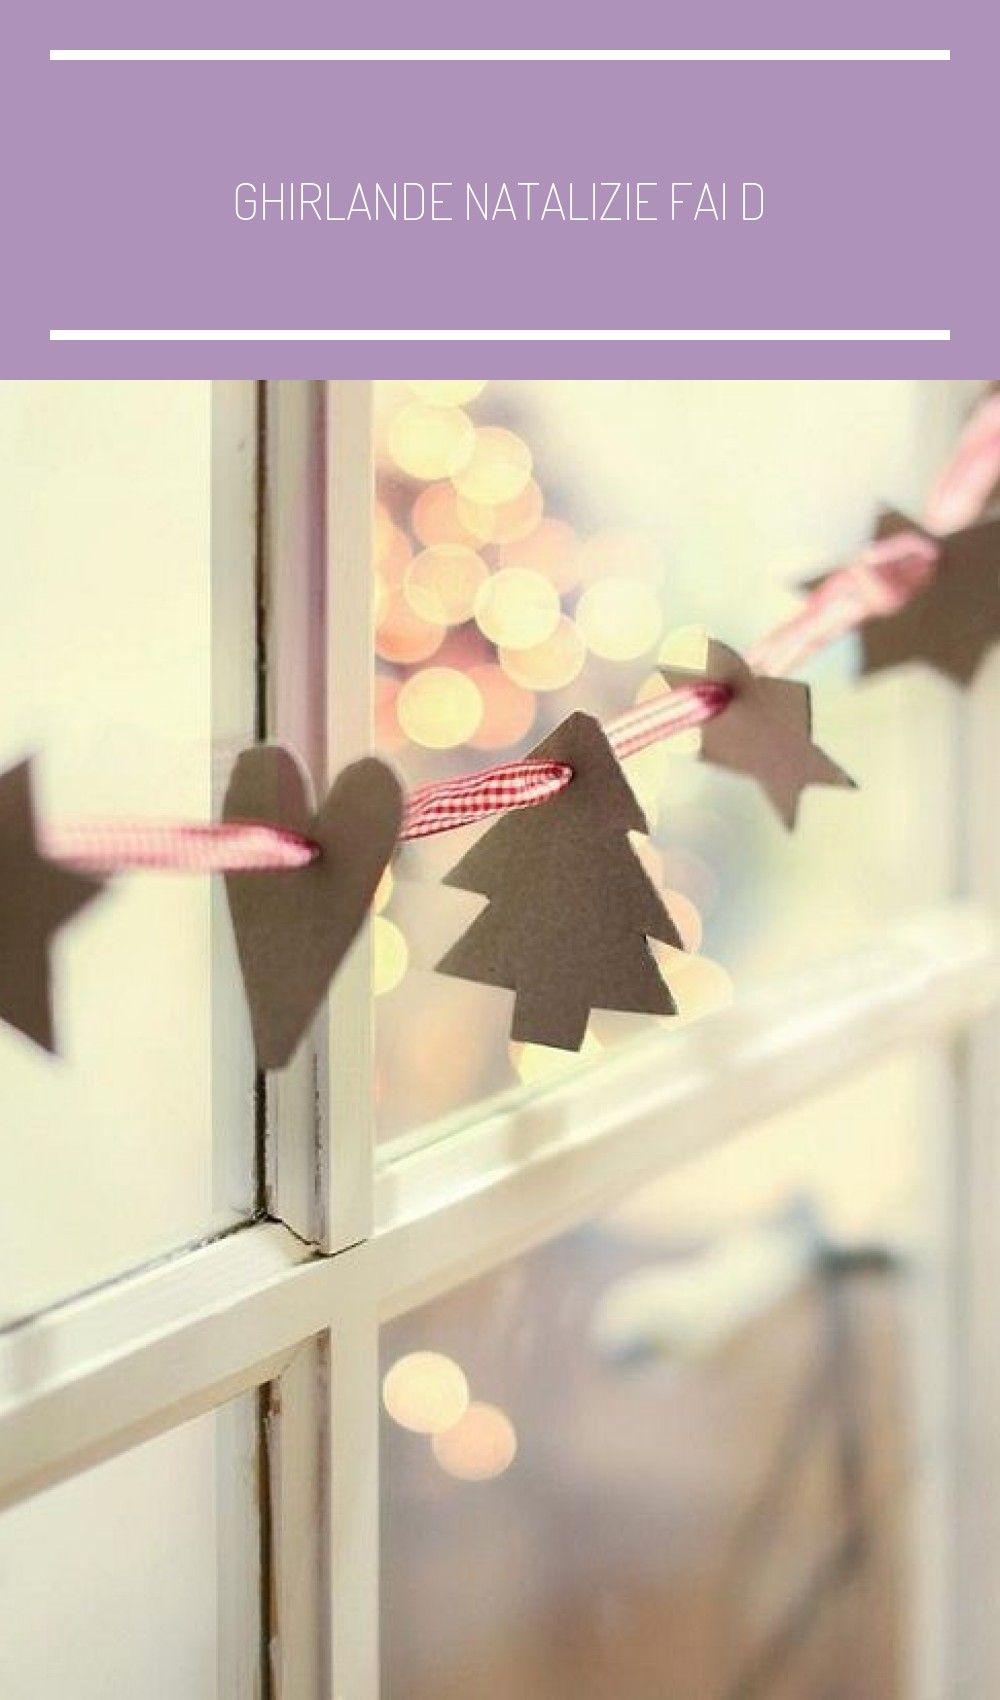 Photo of Ghirlande natalizie fai da te facili con ornamenti di carta su un filo rosso att…